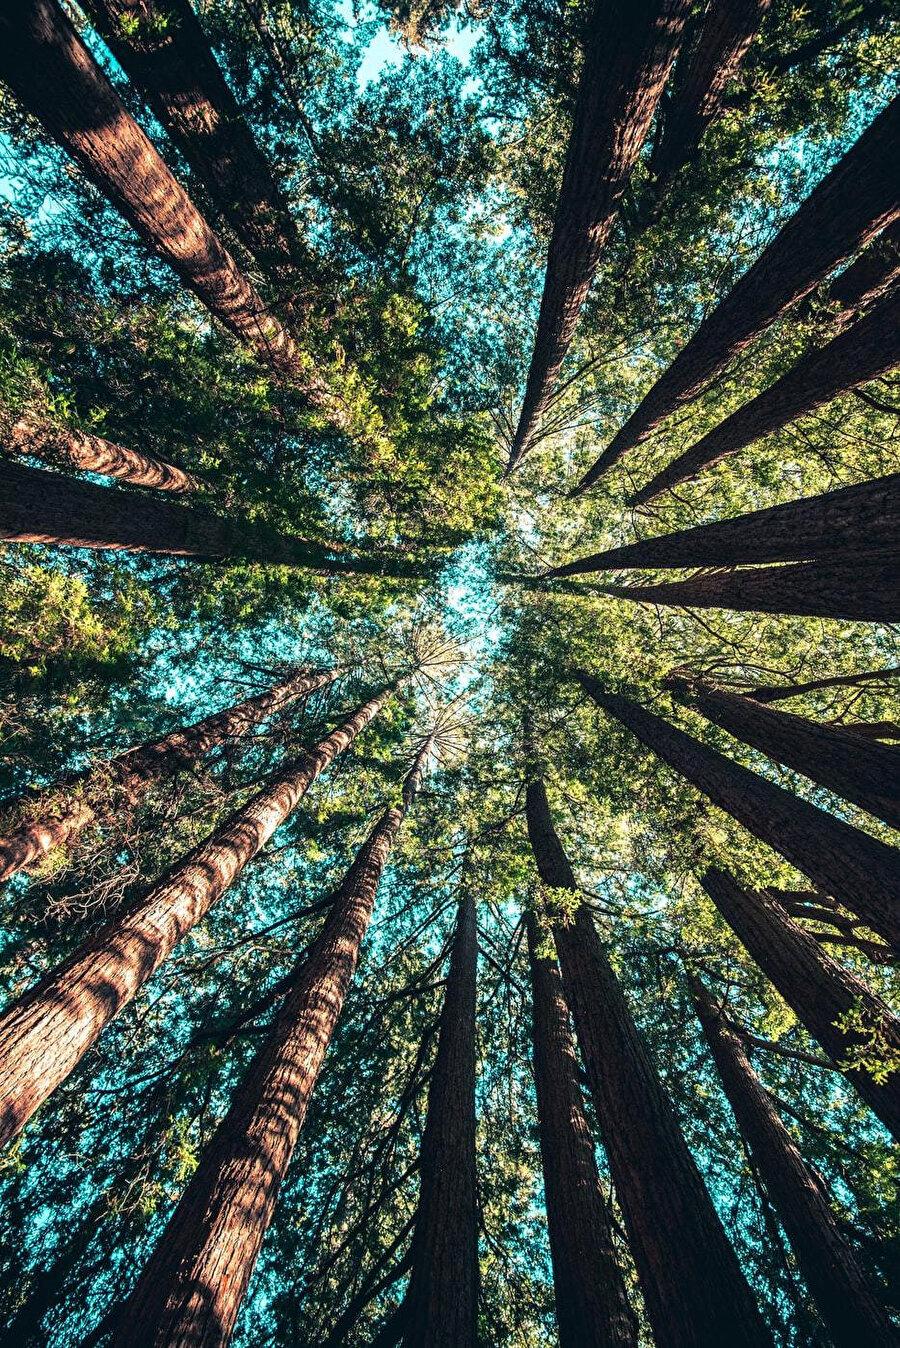 Bir ses saplanır kara ormanın kalbine, Ekho'nun ölümle paslanmış sesidir bu, hiç durmadan yankılanır.